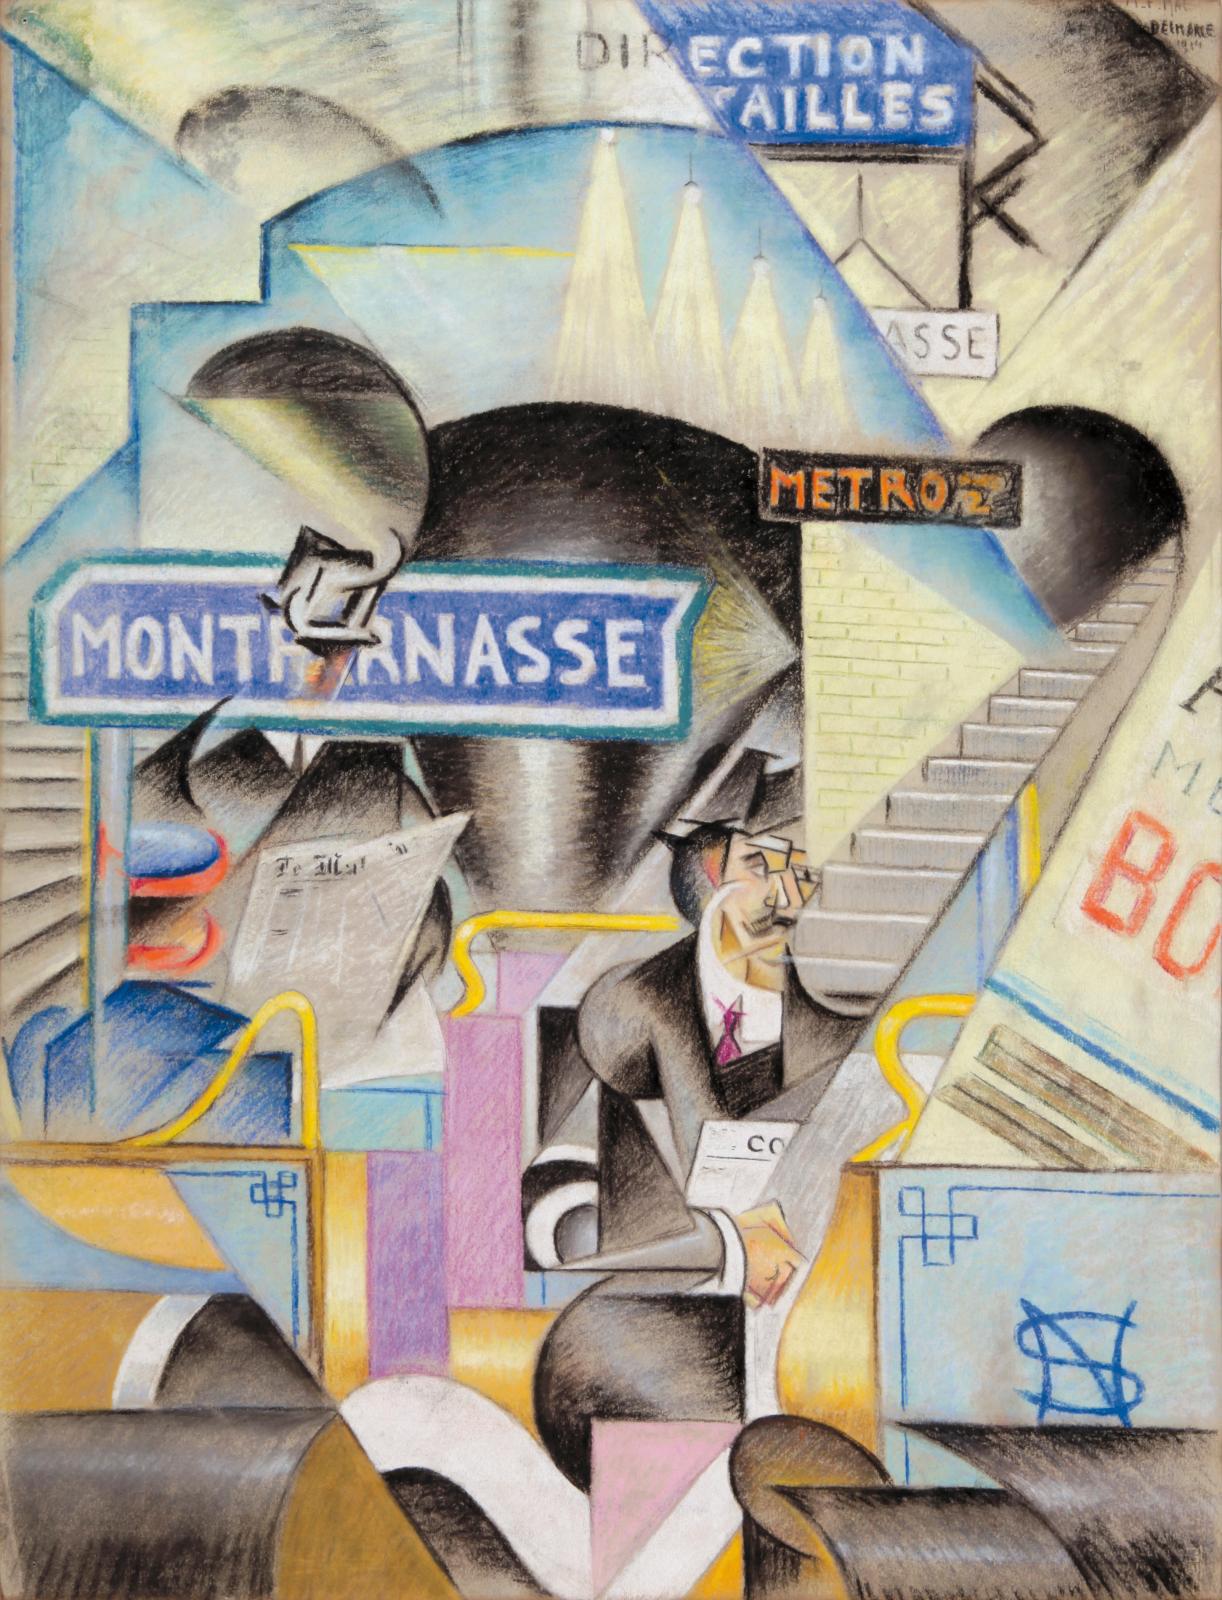 Félix Del Marle (1889-1952), Station de métro Montparnasse (Montparnasse Metro Station), 1914, signed and dated pastel, 64 x 49 cm (25.19